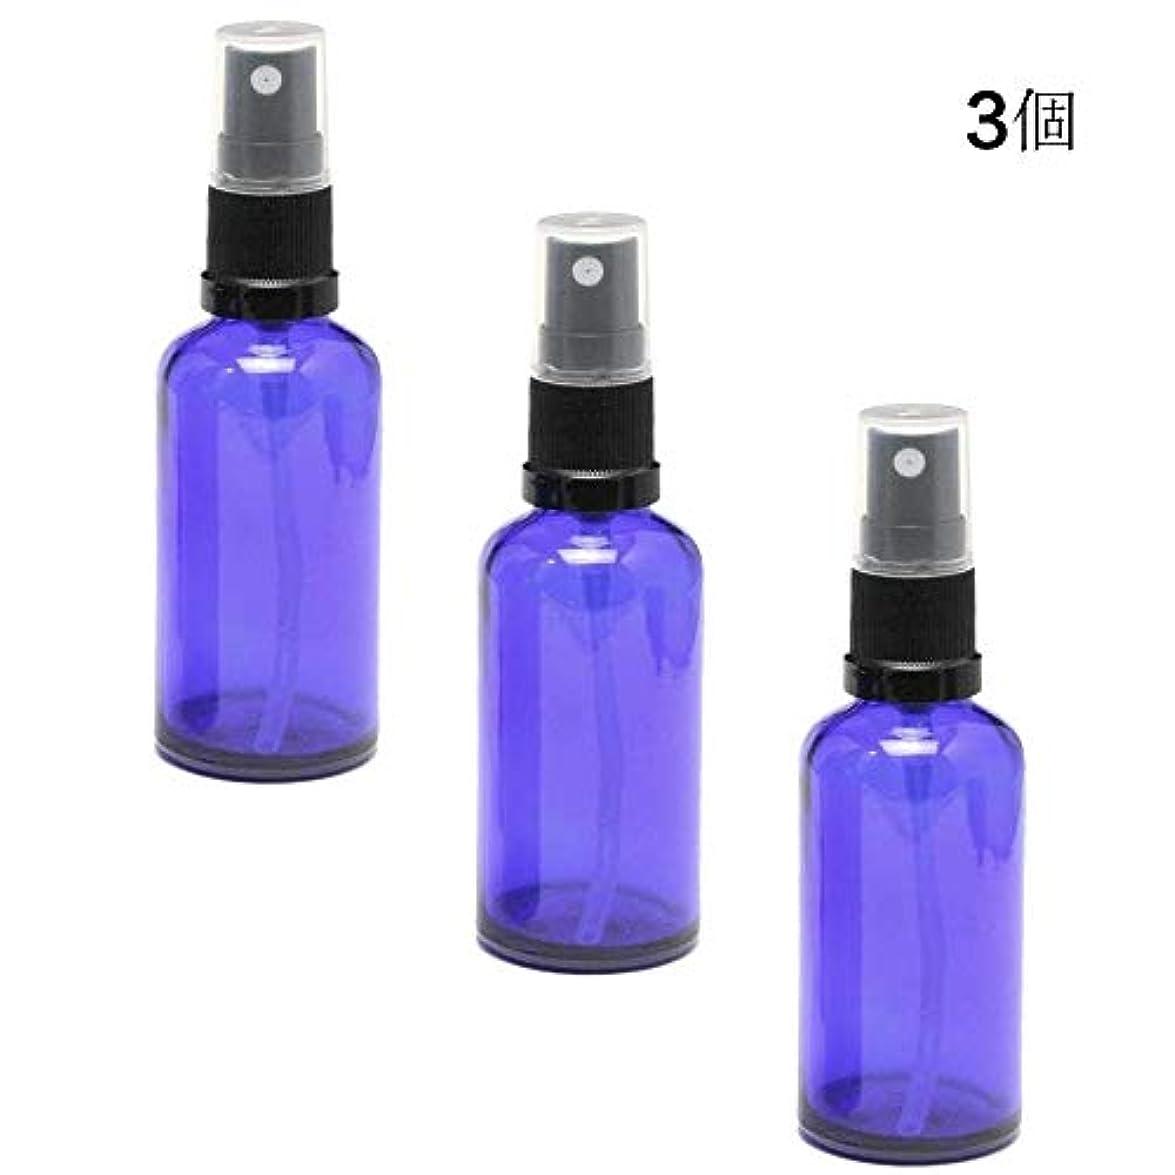 カイウス知り合いになるブランク遮光瓶/スプレーボトル (アトマイザー) 50ml ブルー/ブラックヘッド 3本セット